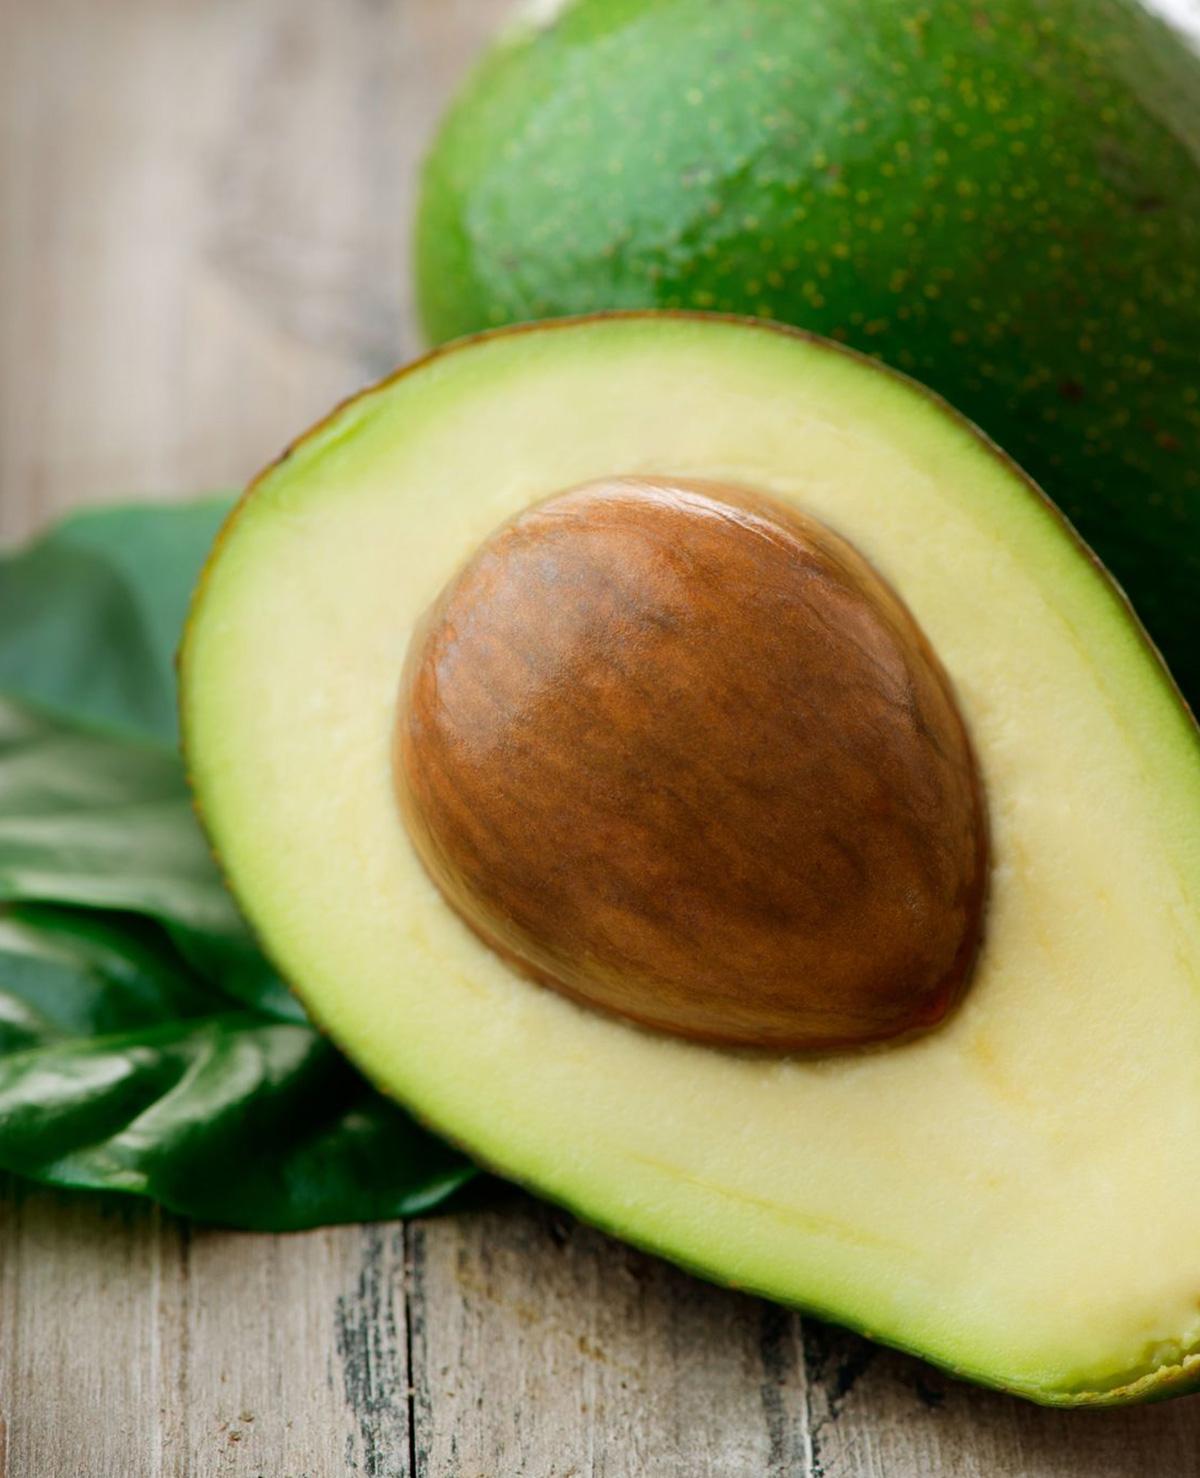 De pit van een avocado weggooien? Opeten!